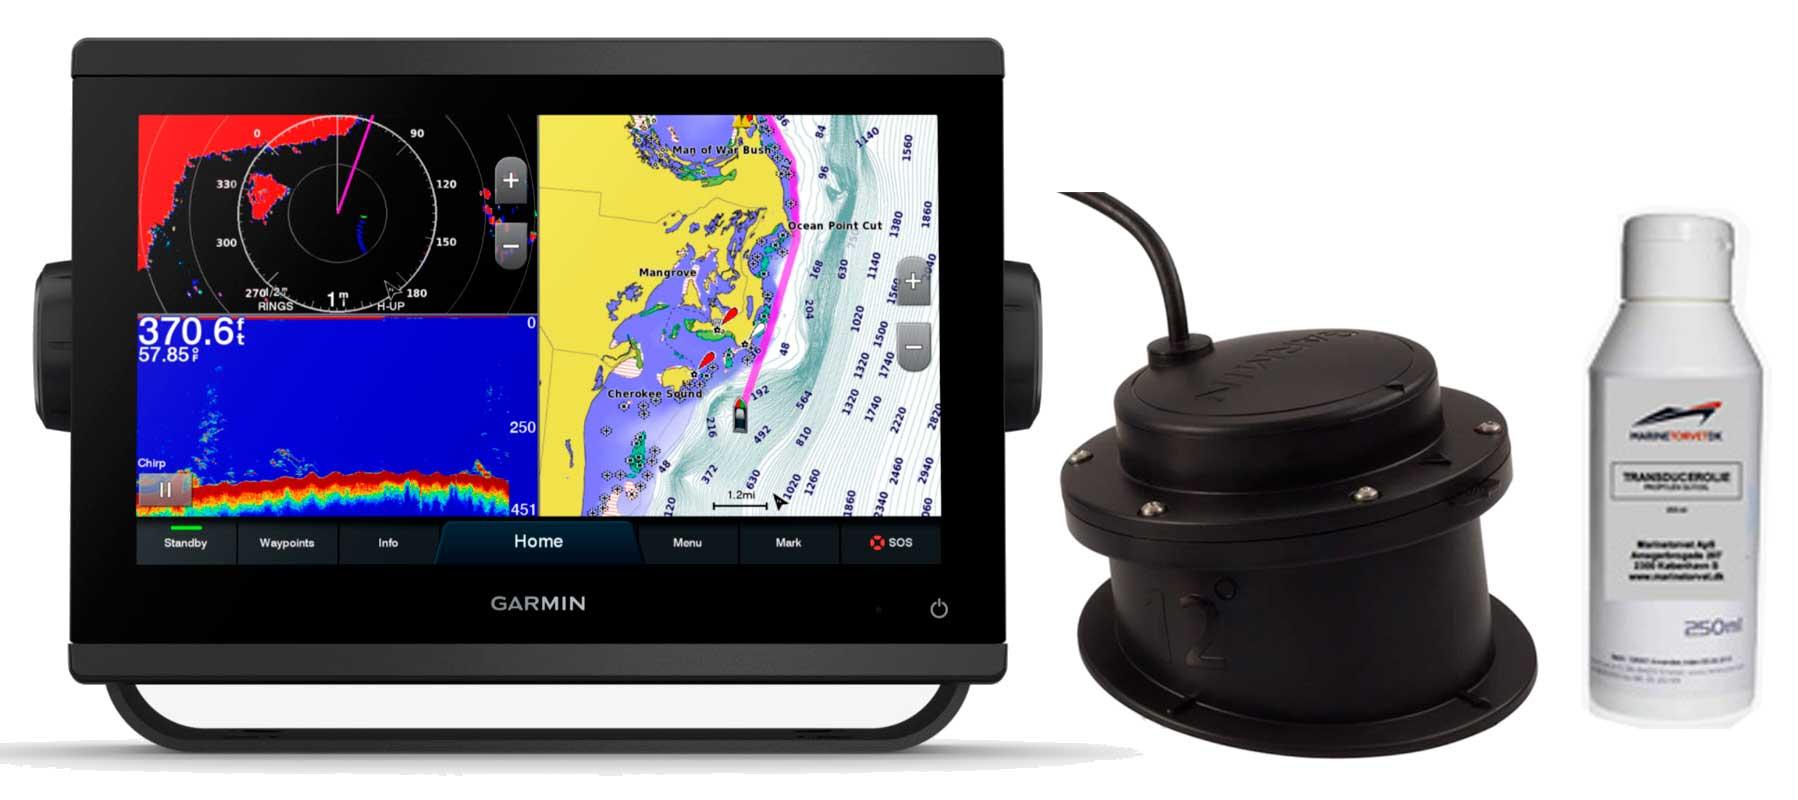 Garmin GPSmap 923xsv med GT15M-IH transducer